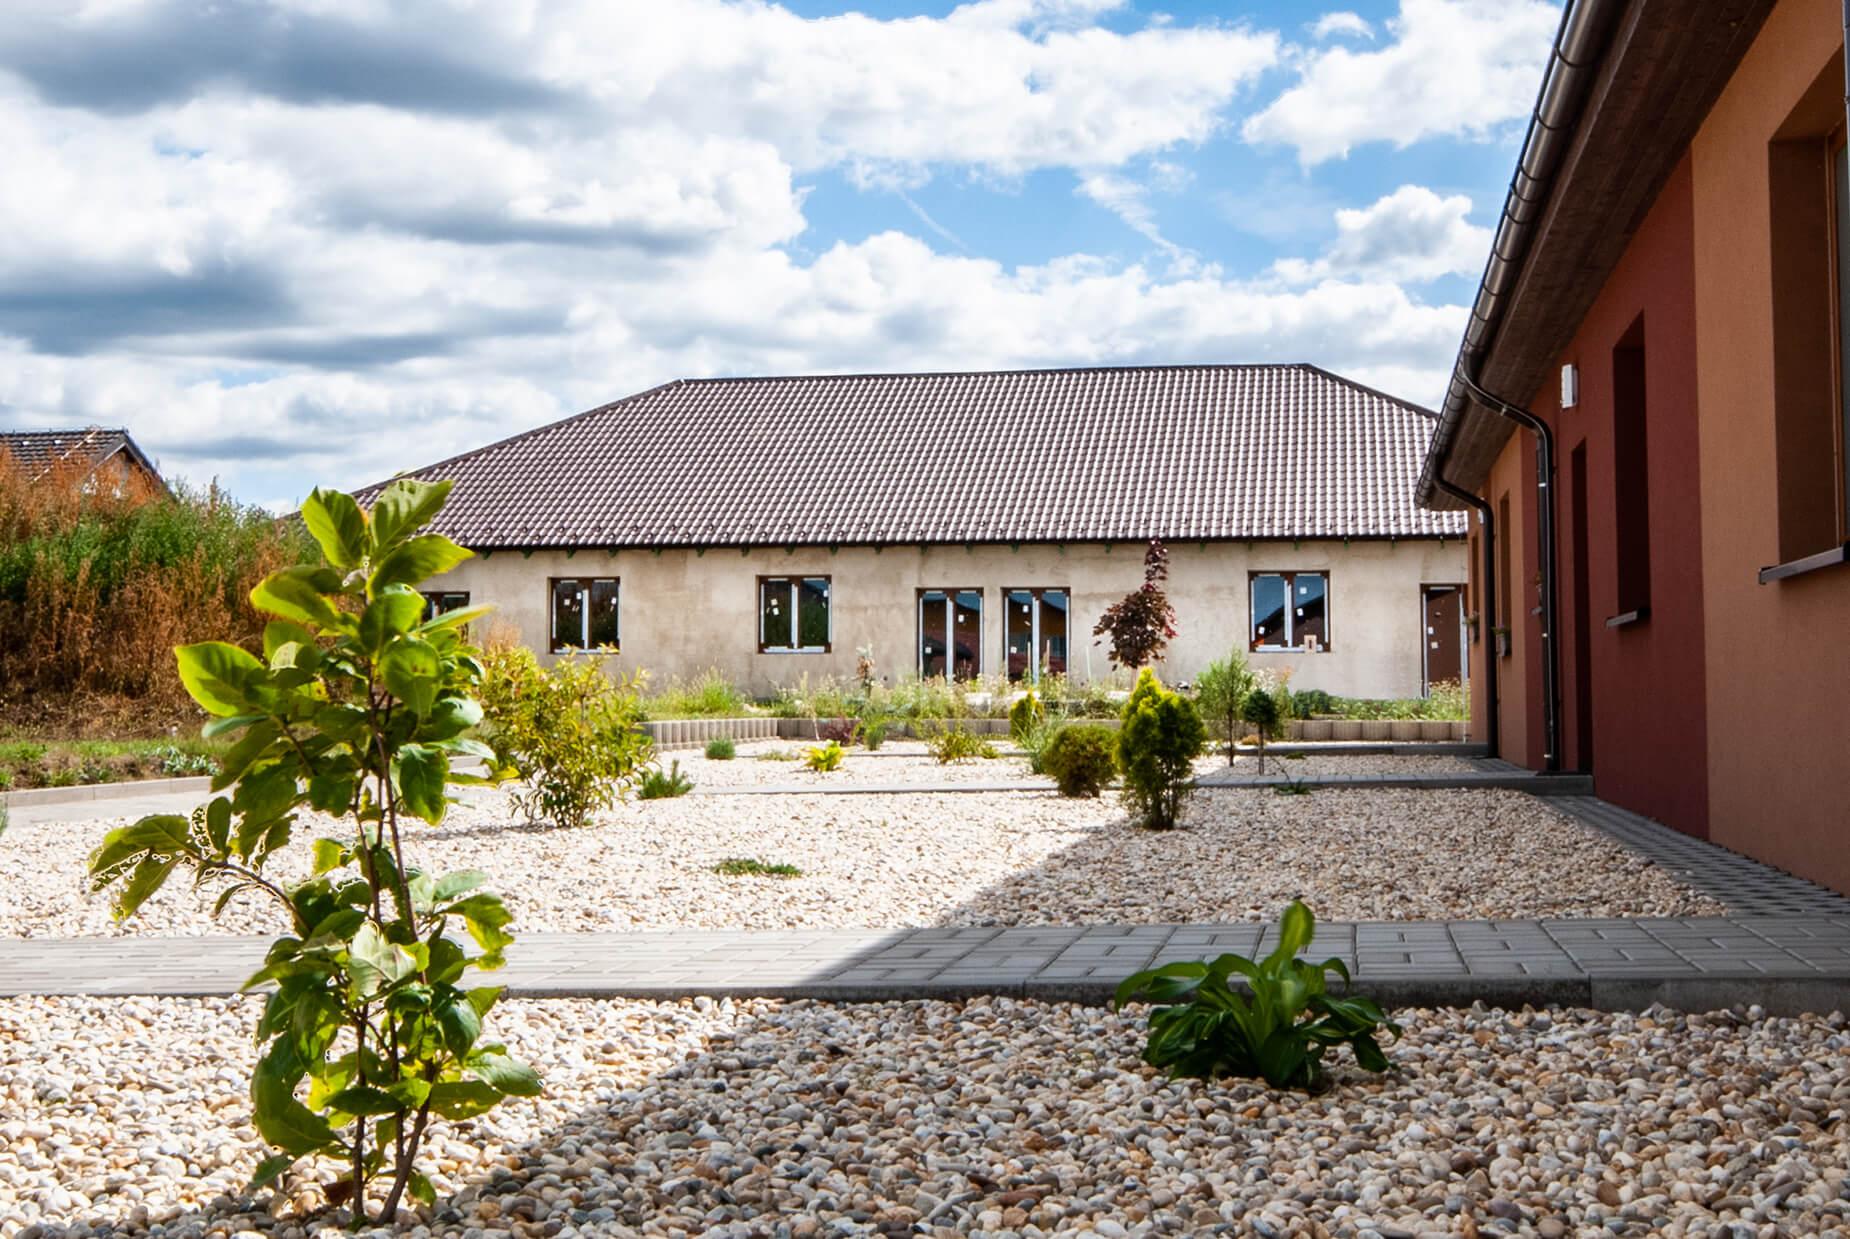 Prodej 9. etapy bytů 4+kk se zahradou v obci Šanov (byt č. 2), CP 256 m²